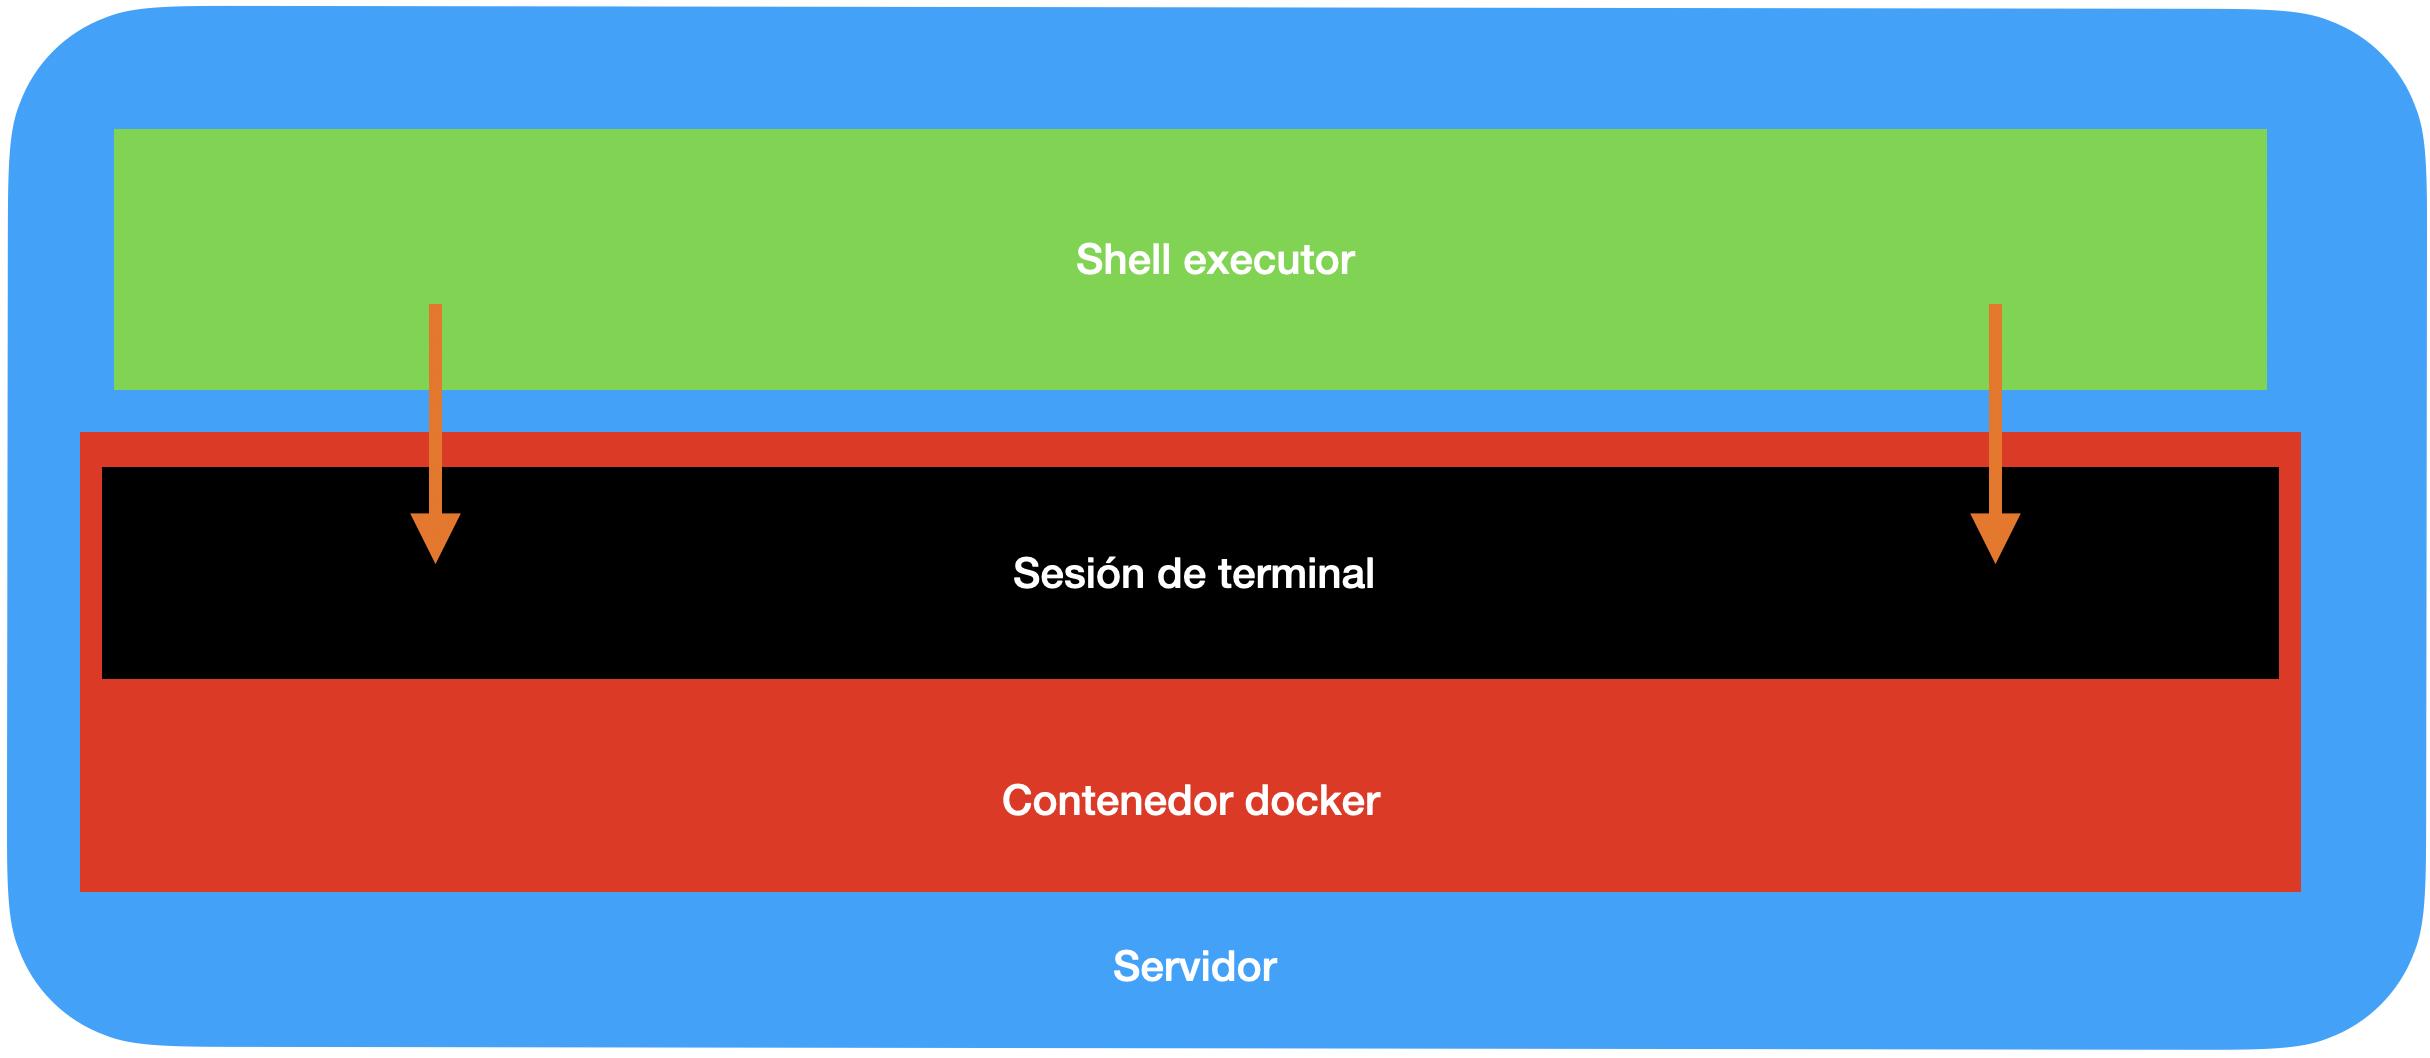 Shell executor que se ejecuta dentro de una terminal, que está dentro de un contenedor, que está en el servidor